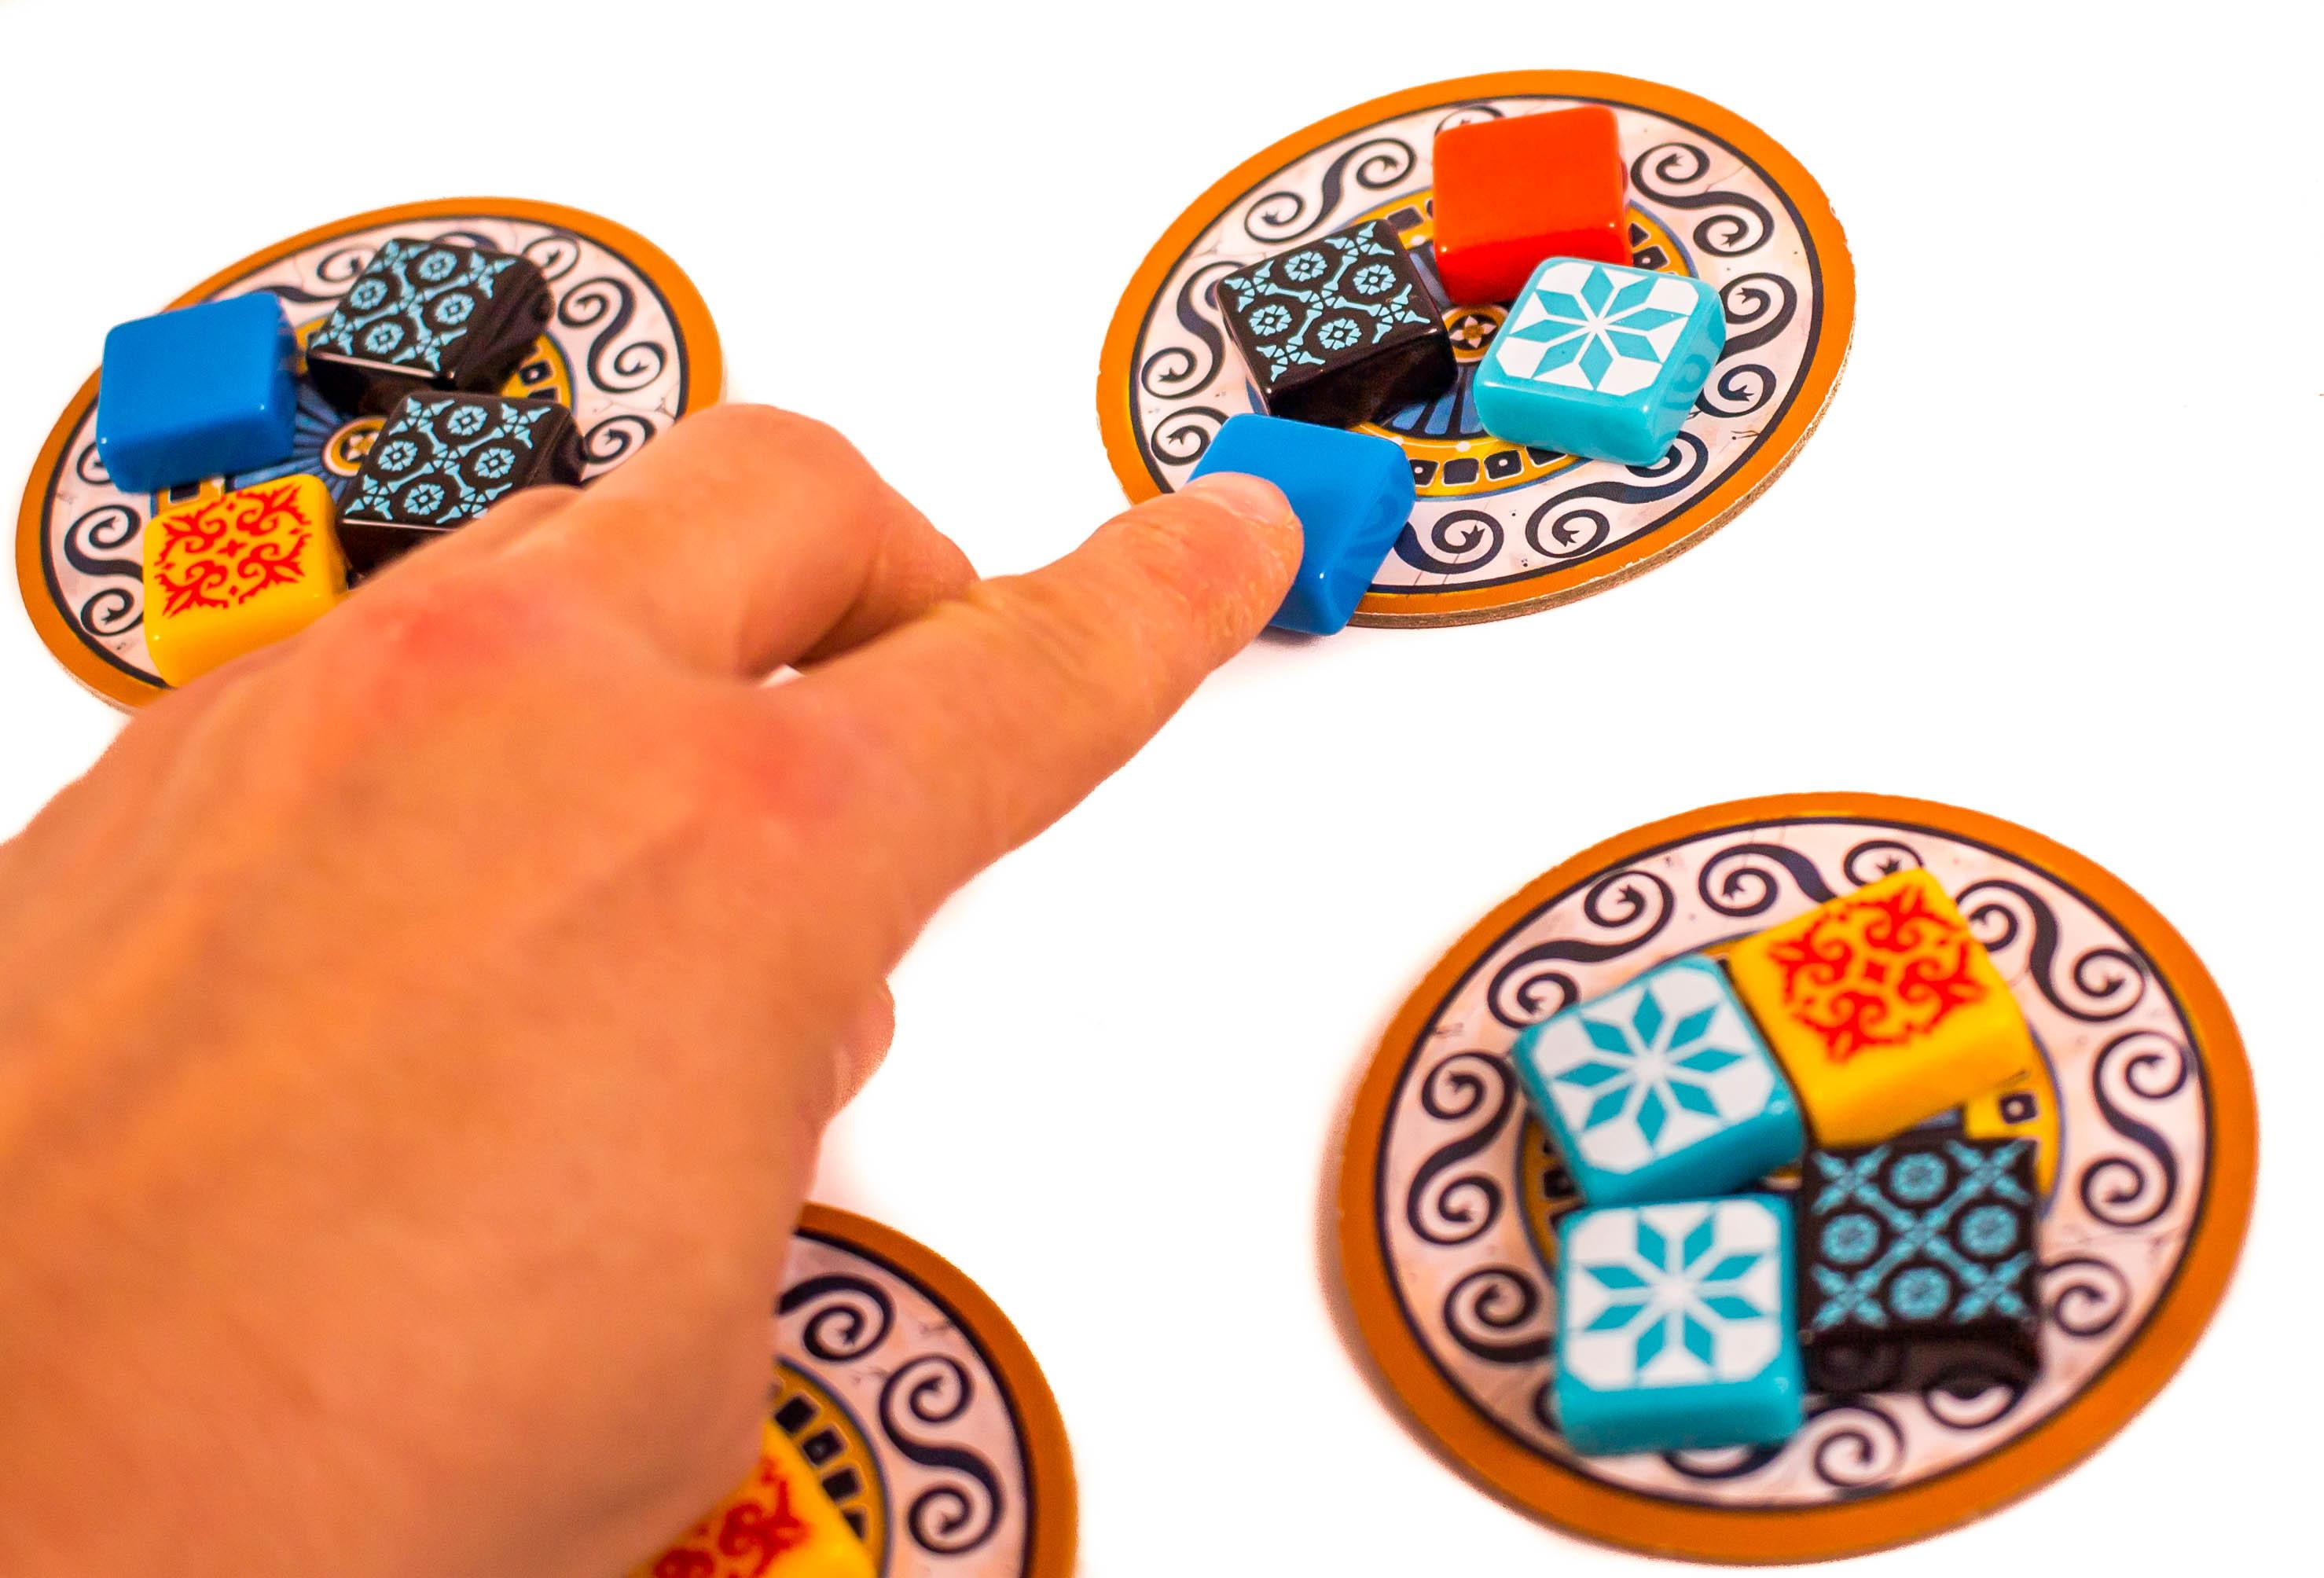 Érdemes átgondoltan indítani a gyűjtögetést, hiszen a lapkákról felvett kövekkel elérhetjük, hogy bizonyos színből az asztalon több gyűljön össze.